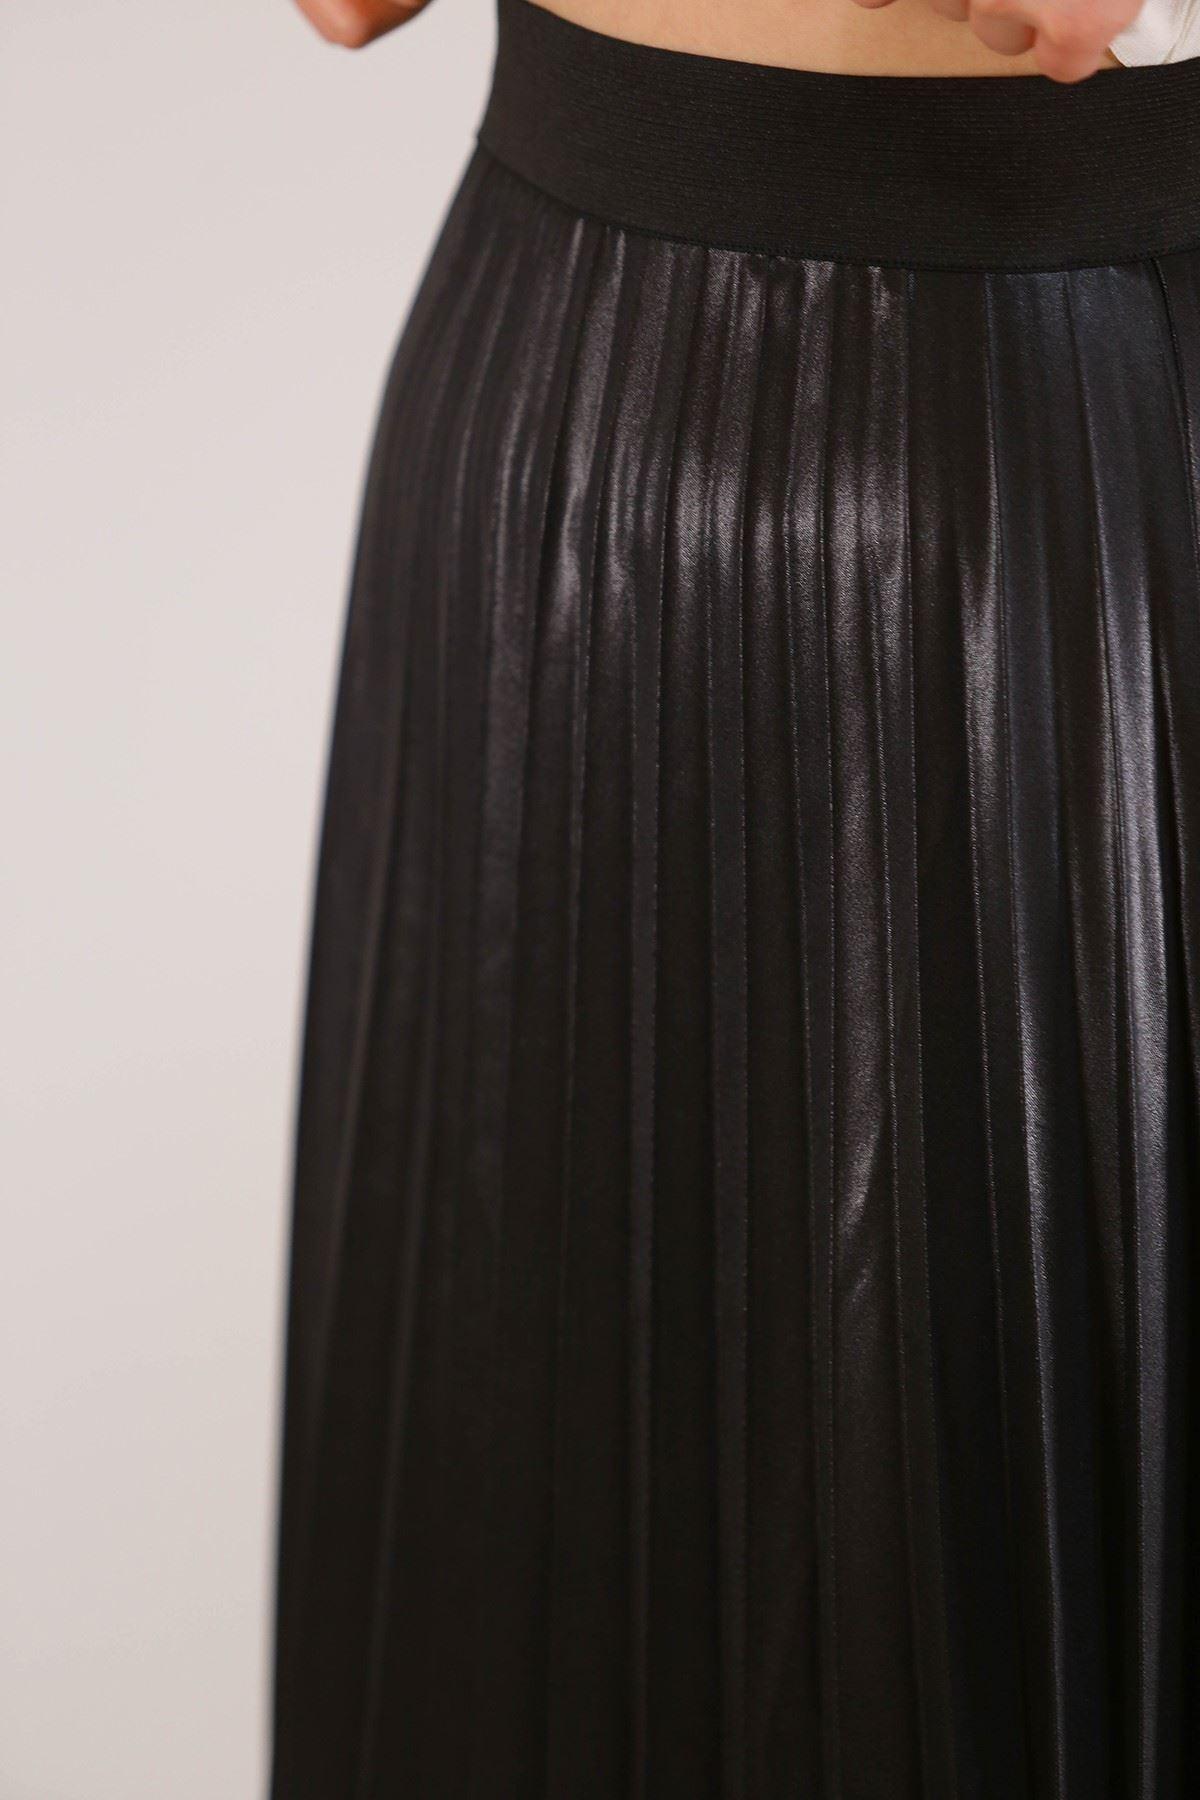 Pliseli Etek Siyah - 3638.222.